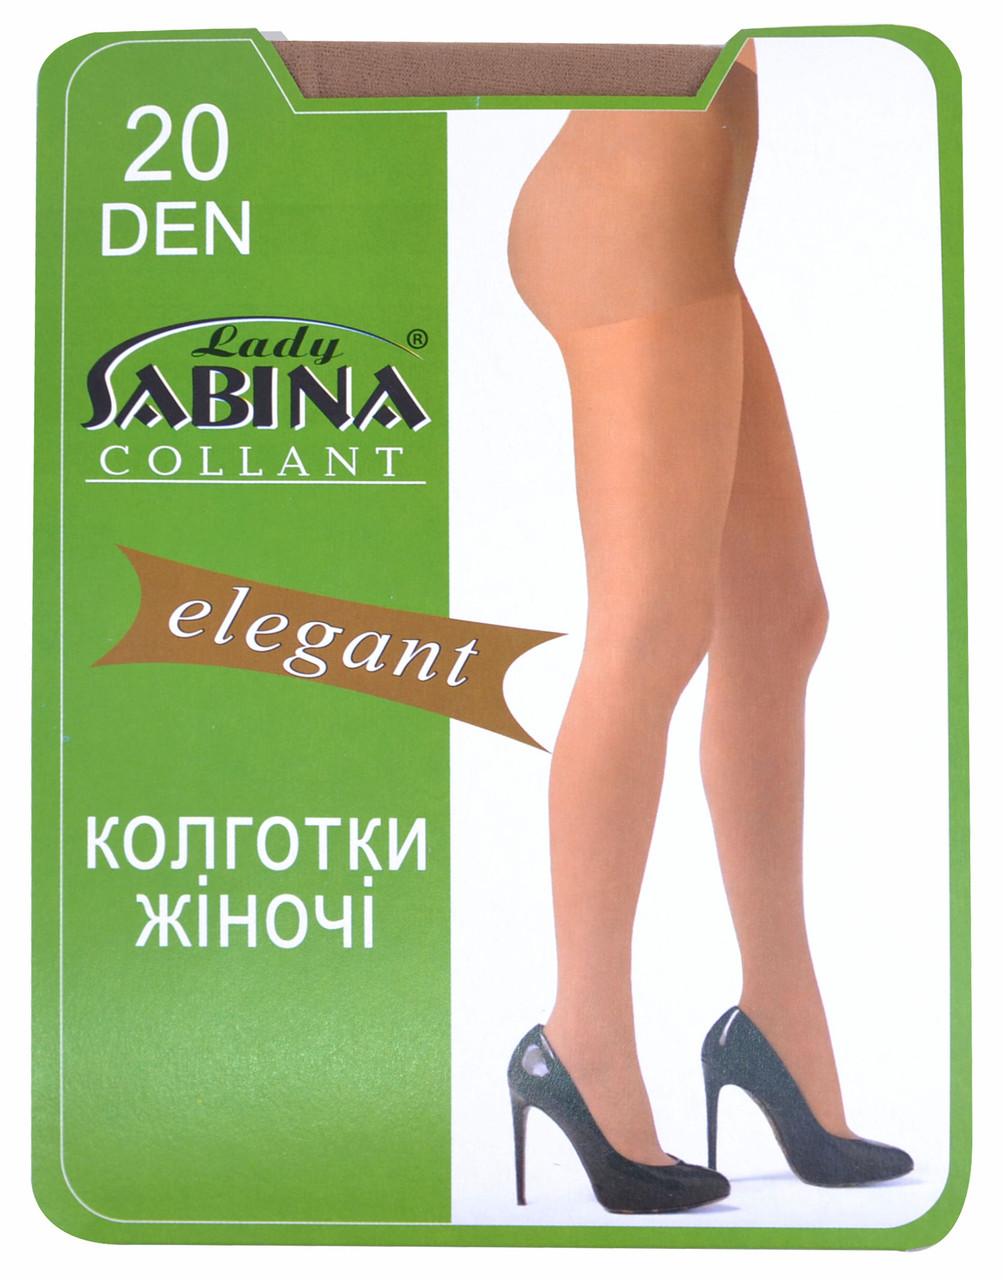 Колготки Lady Sabina 20 den Elegant Mocca р.5 (Арт. LS20El)